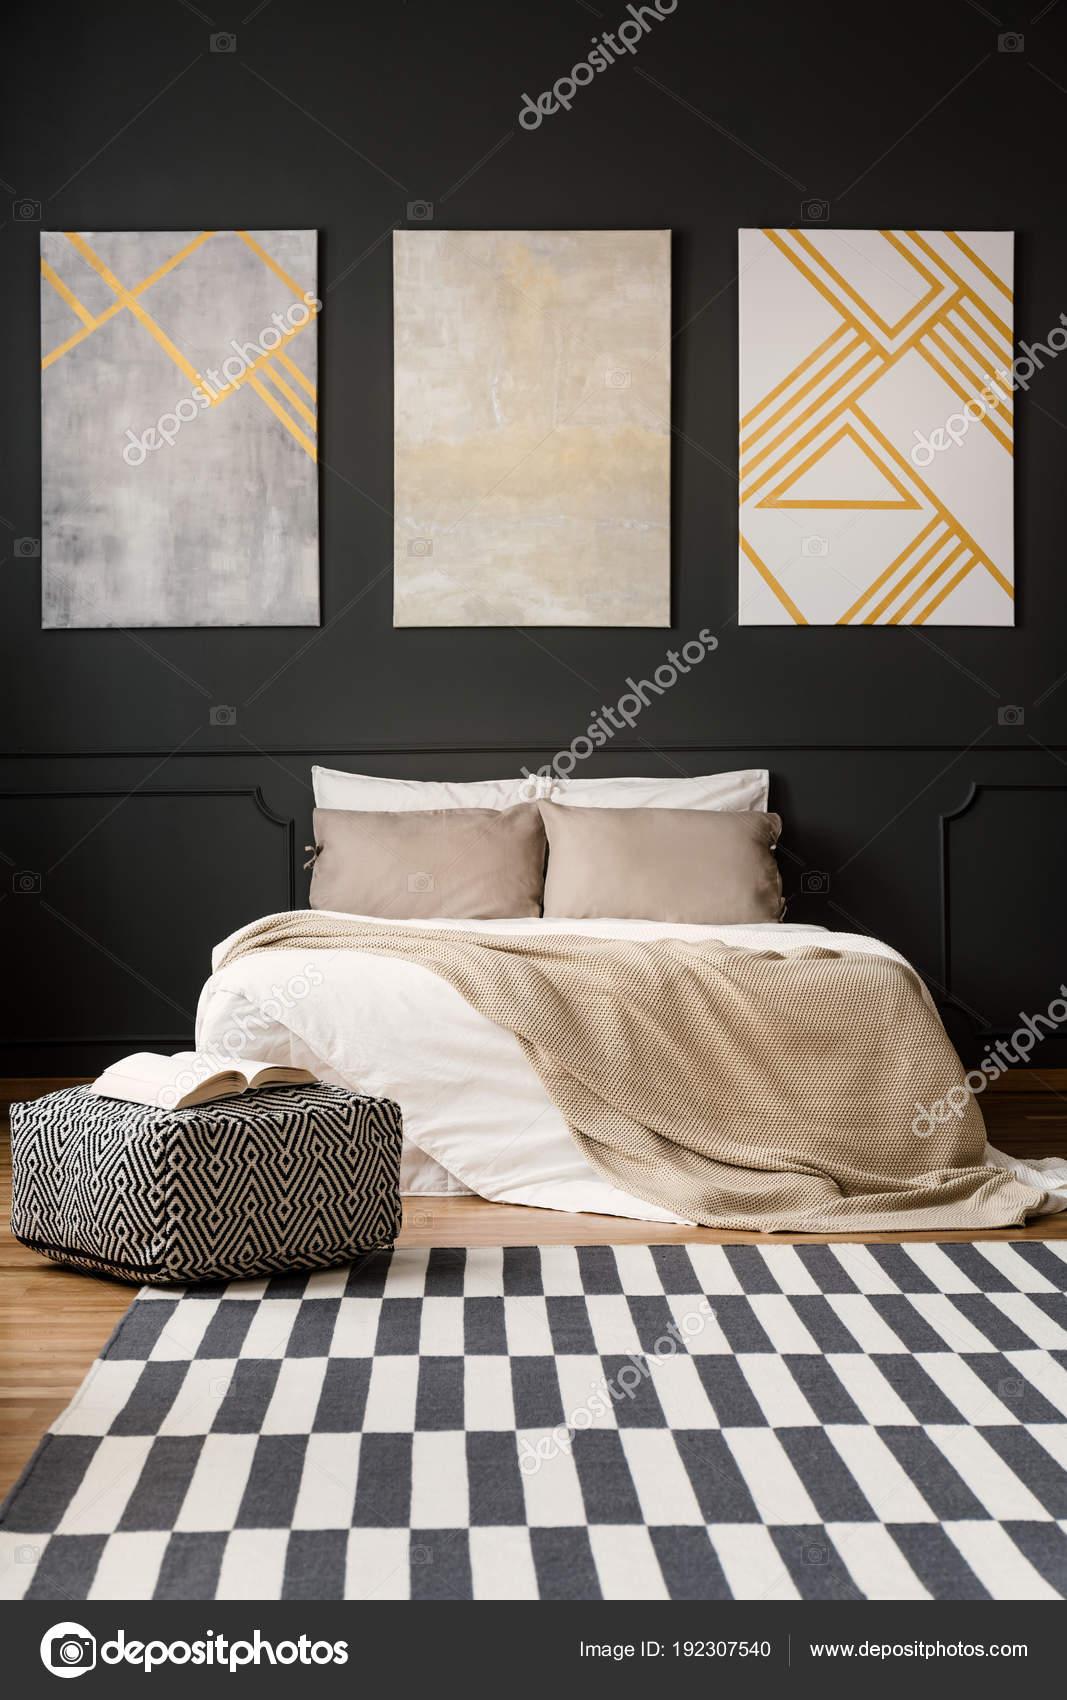 schilderijen op zwarte muur in de slaapkamer stockfoto